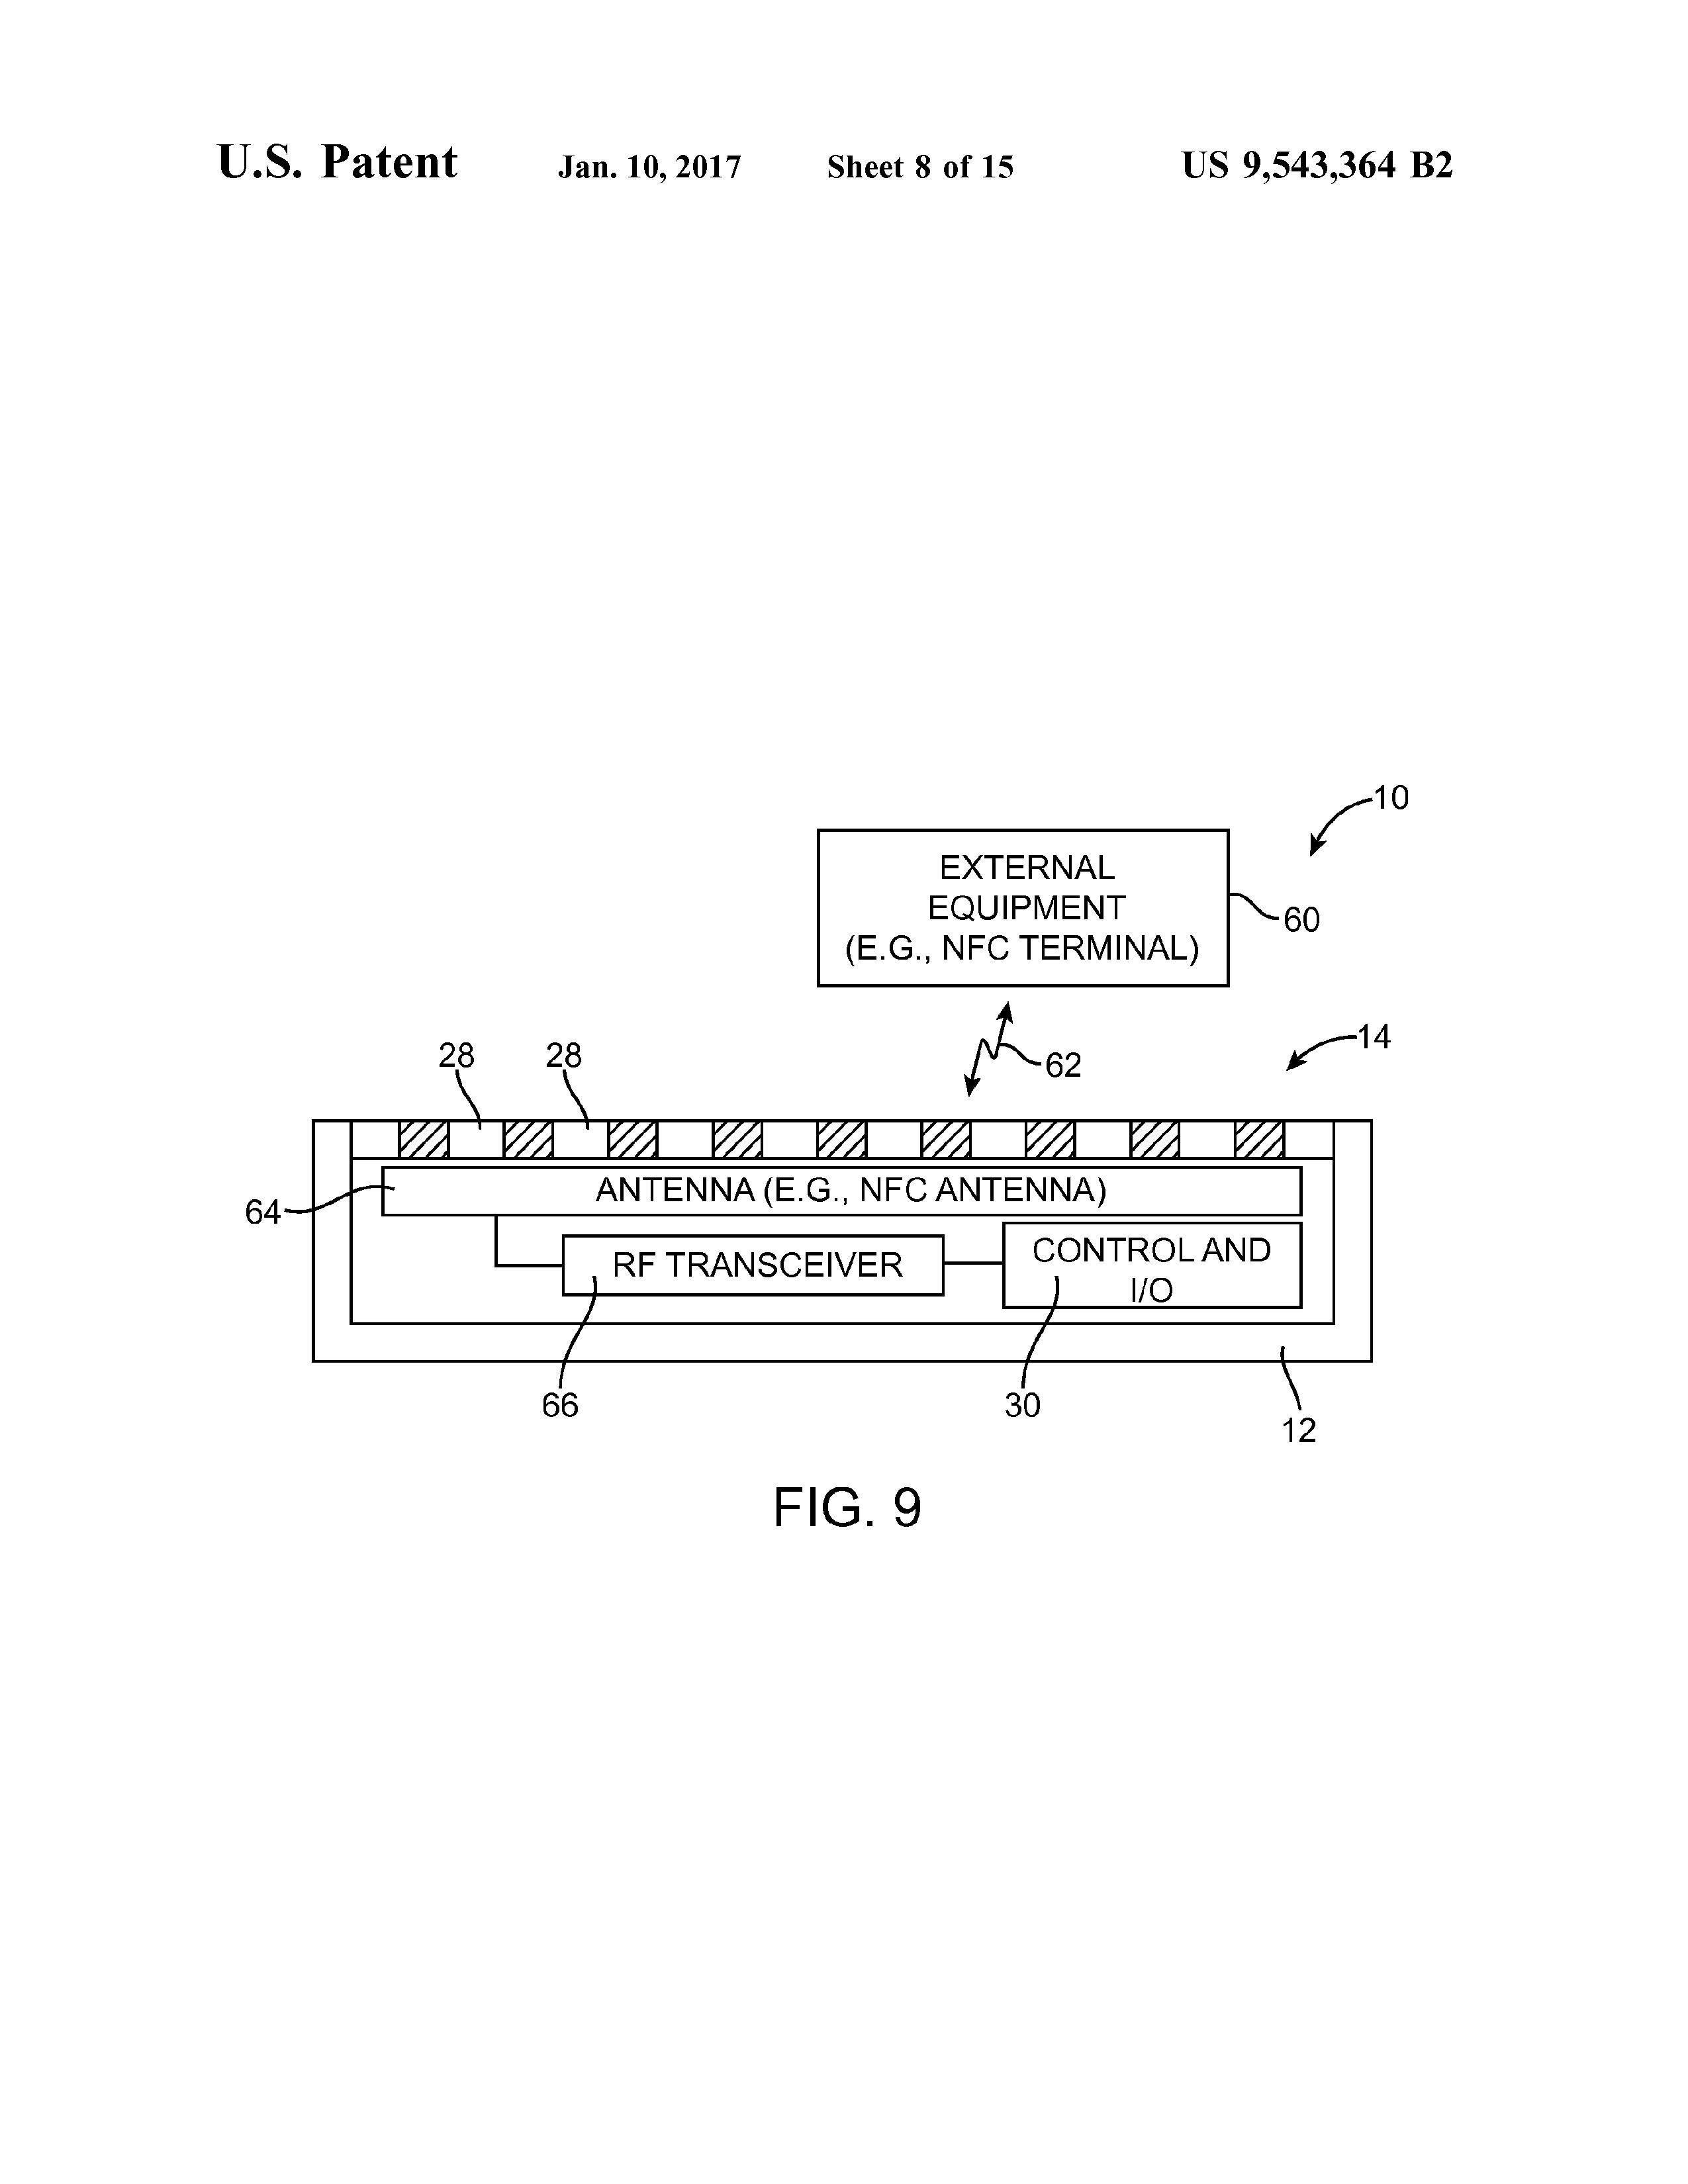 Hullene kan brukes til å gi adgang til andre elektroniske komponenter, inkludert pikslene til en sekundær skjerm.